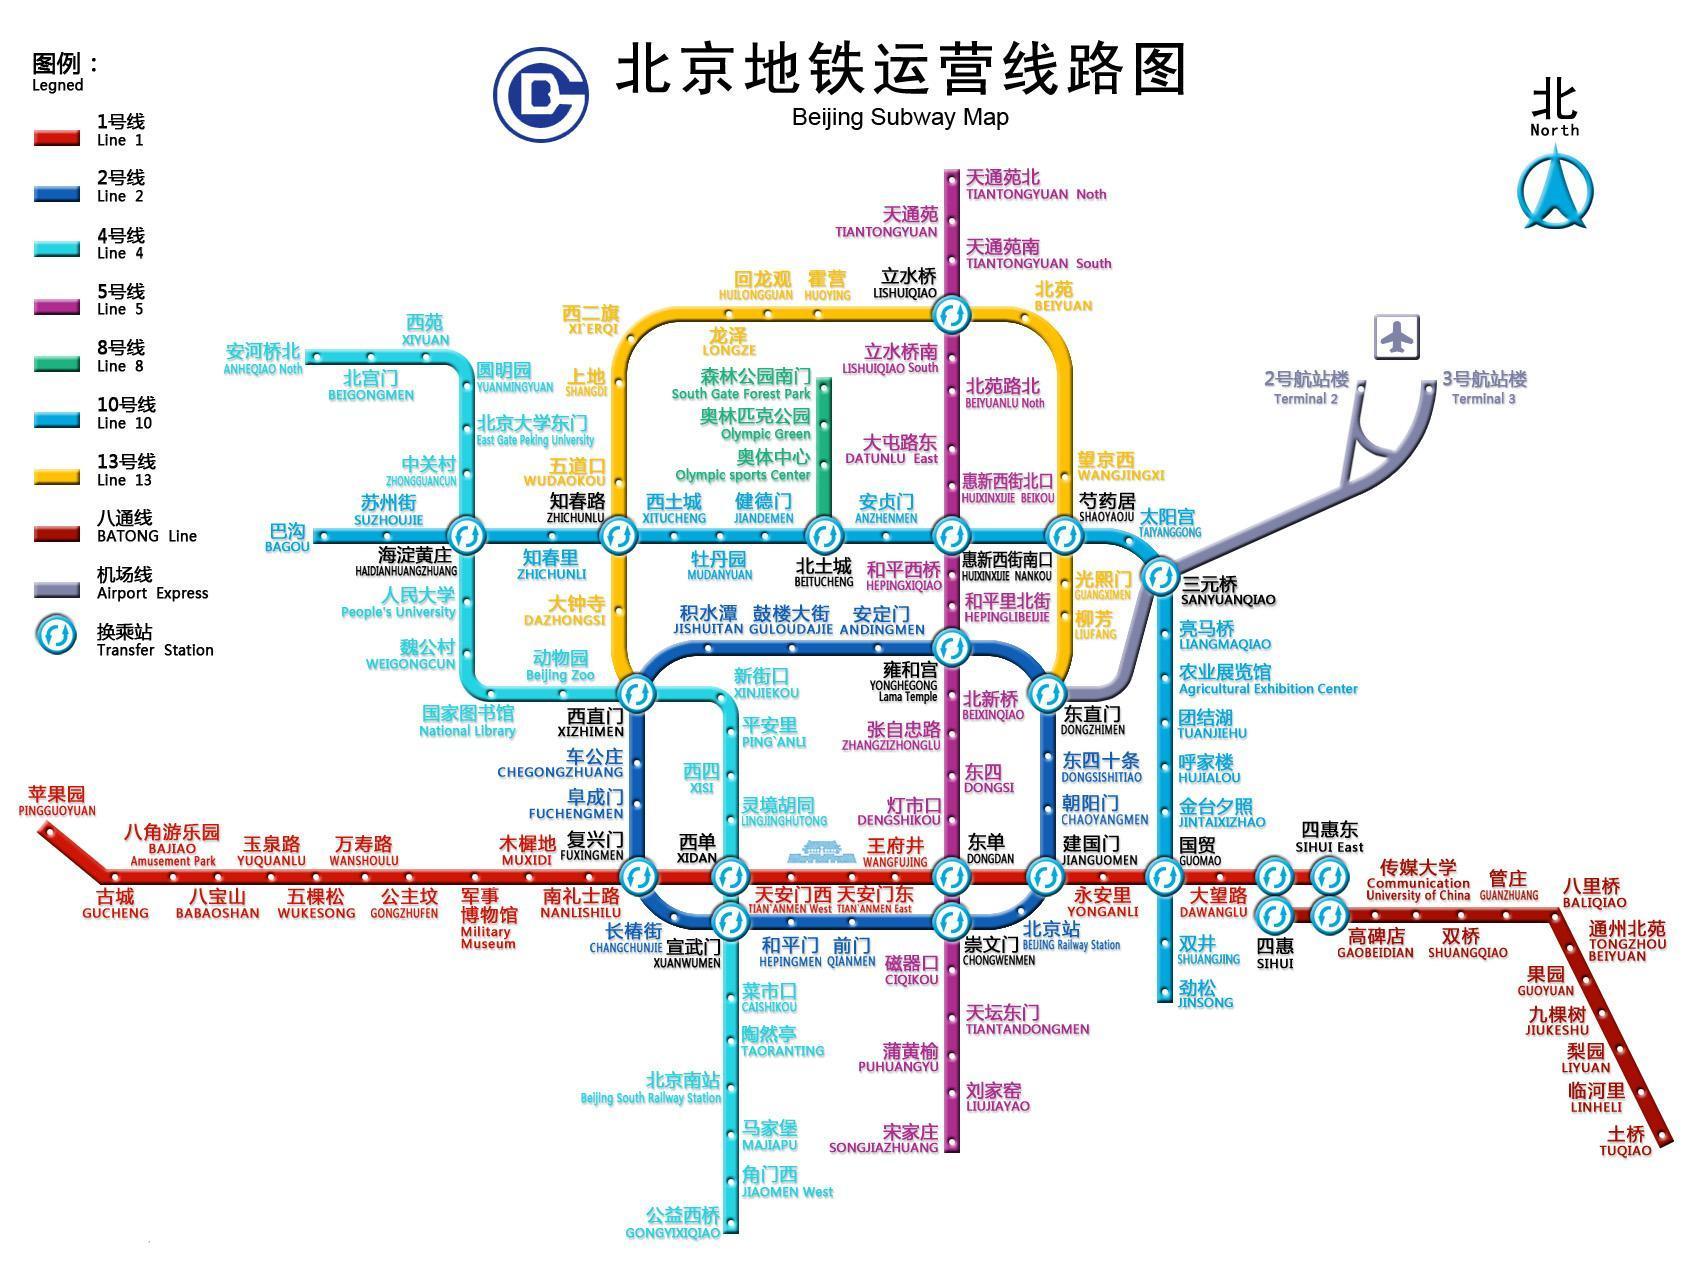 北京地铁s1号线 北京地铁s1号线 北京地铁3号线规划图片